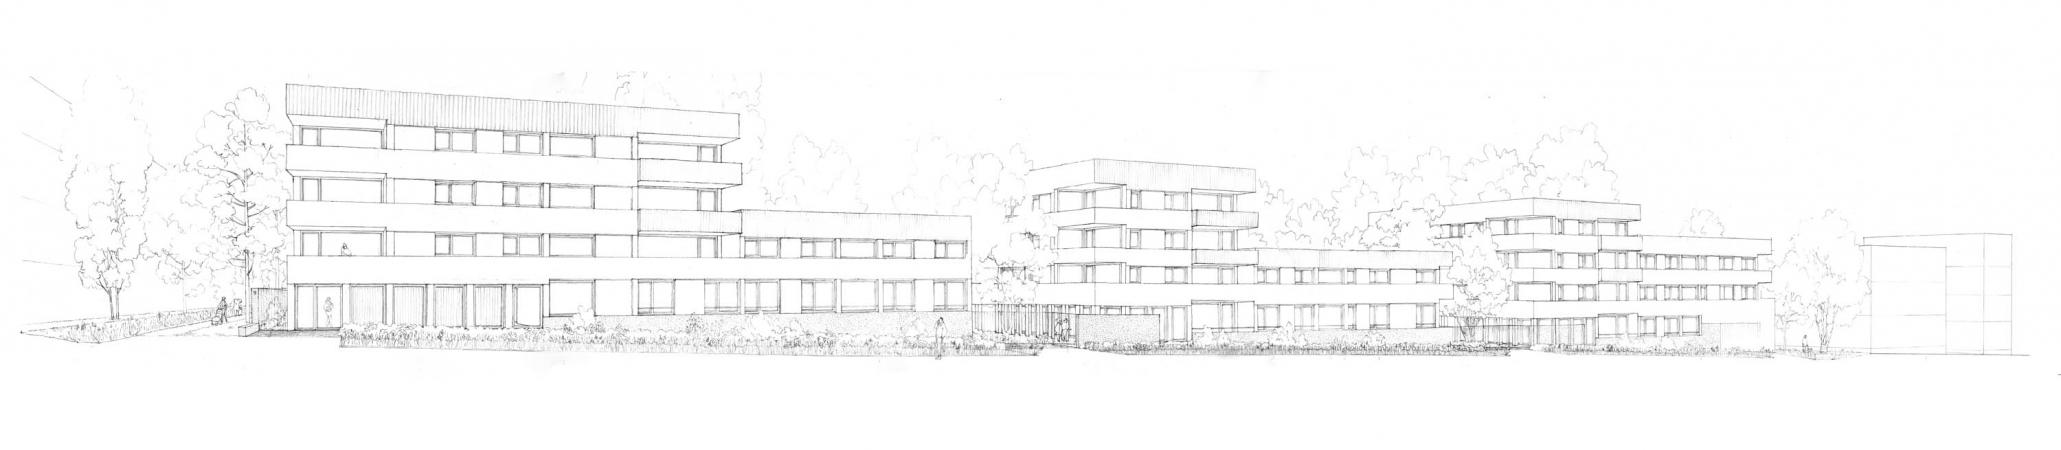 http://faces-architectes.net/files/gimgs/th-82_panorama final retouche 300 dpi-Light_v2.jpg